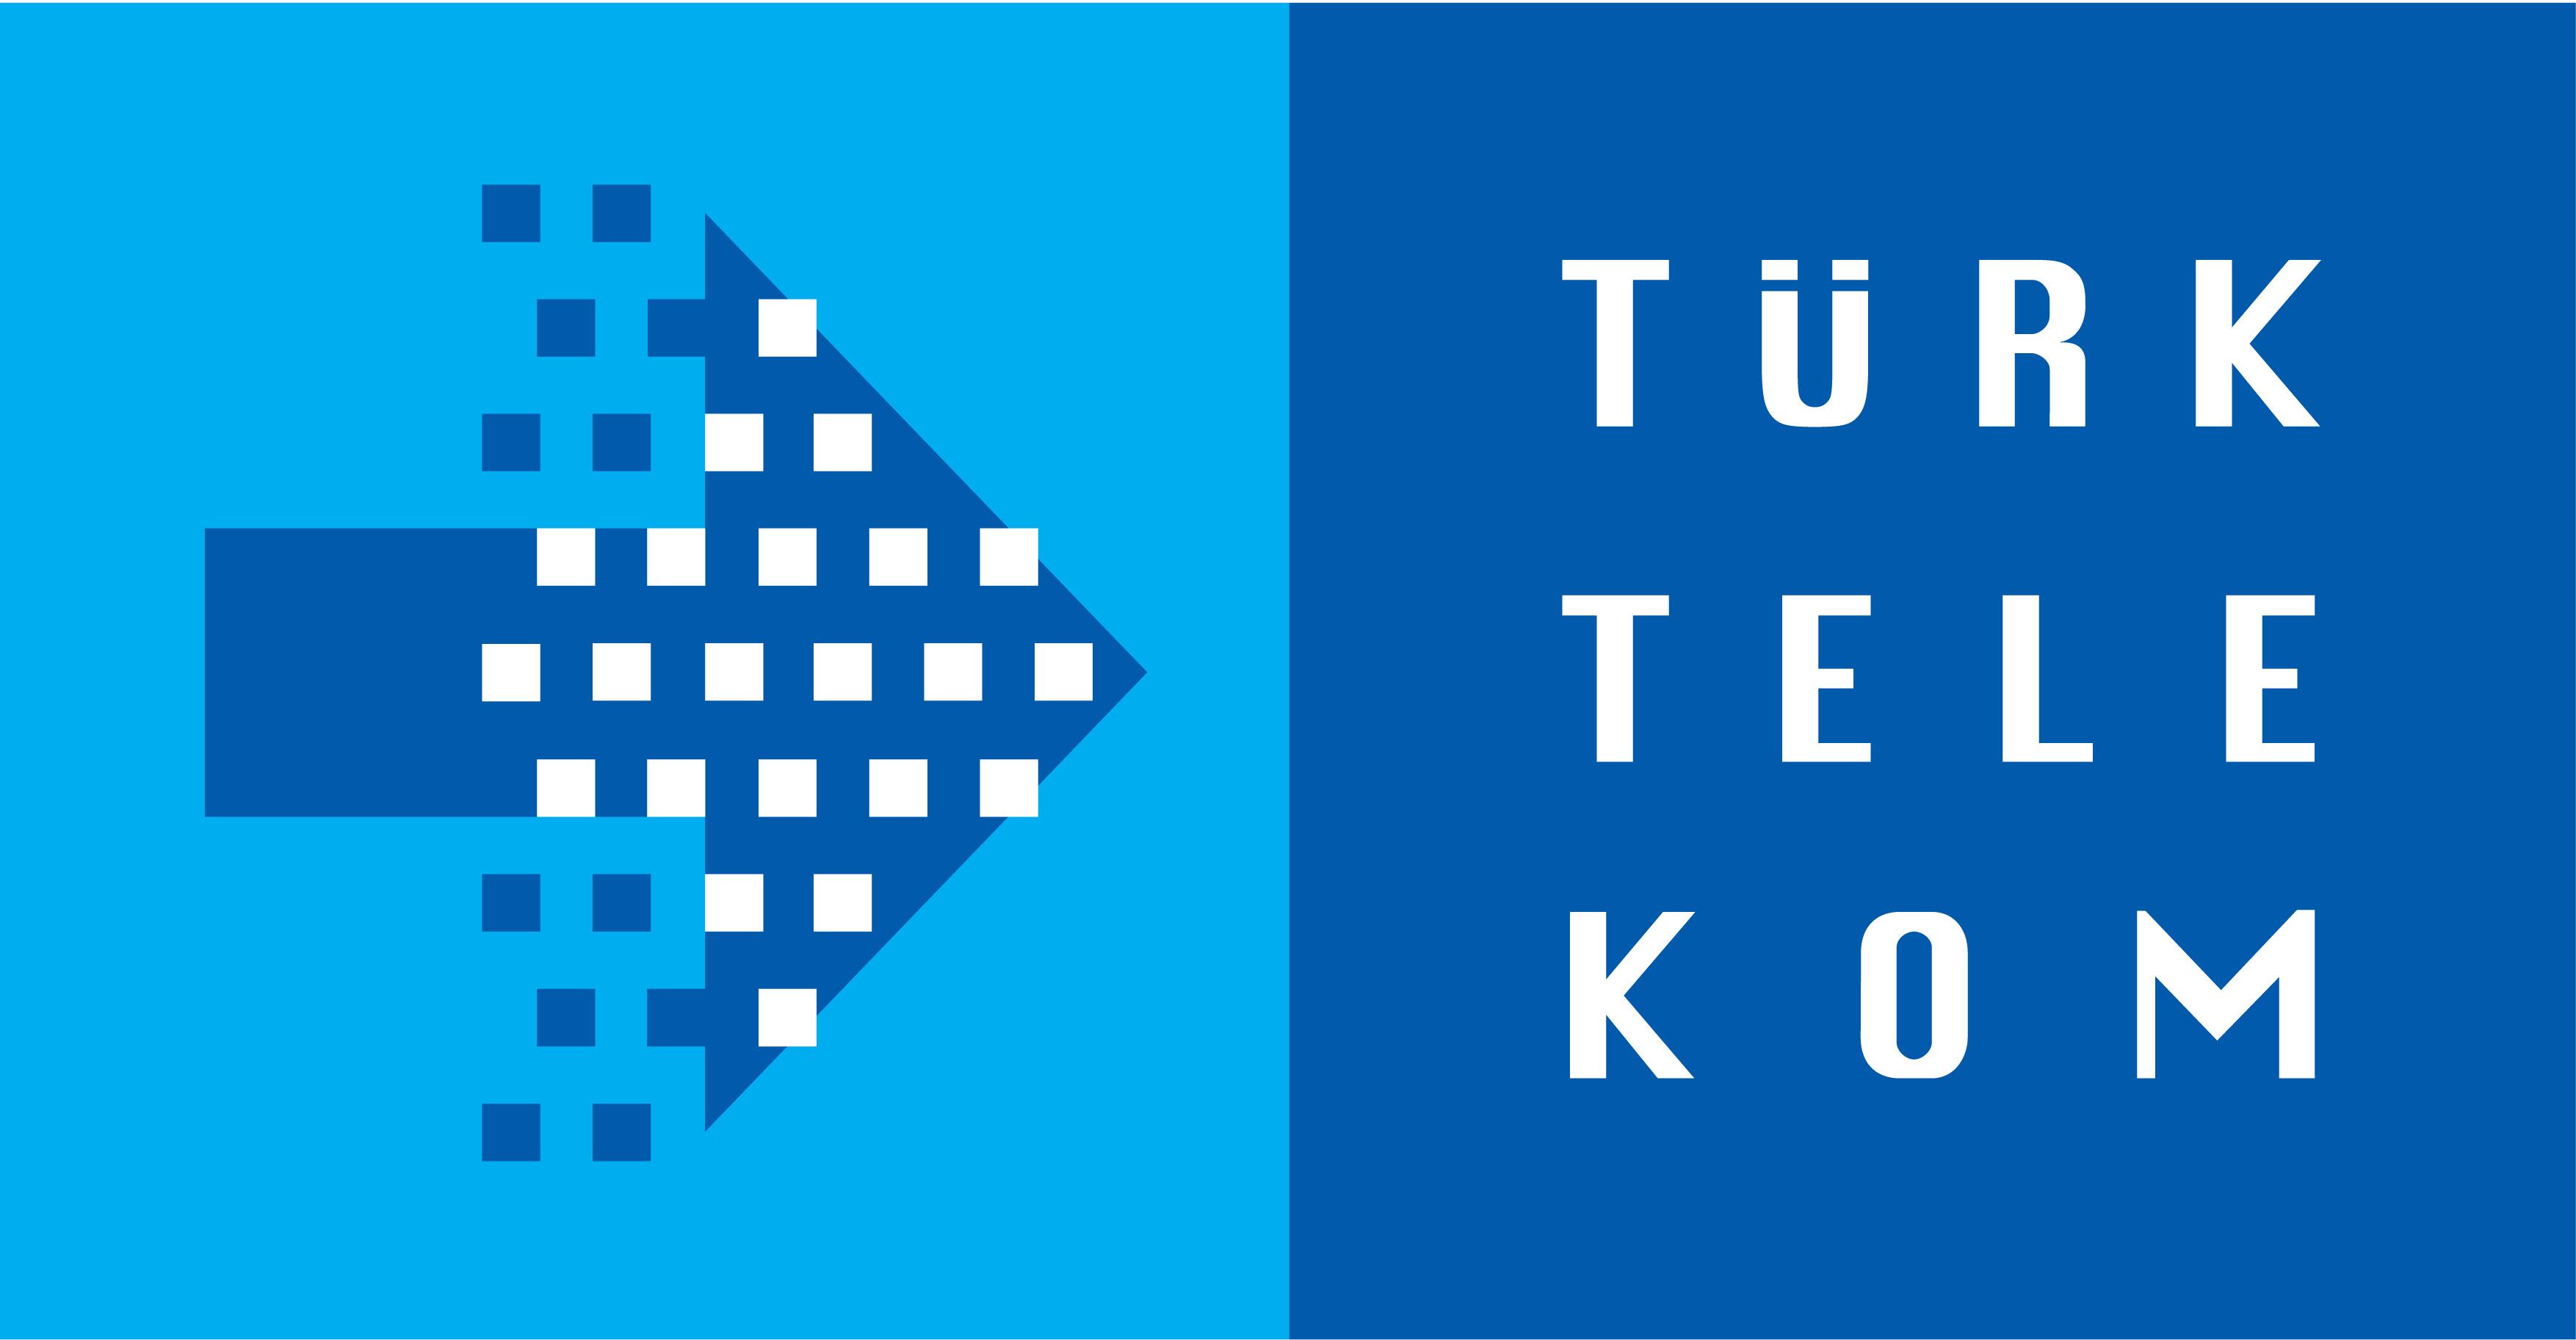 Cumhurbaşkanı Başdanışmanı'ndan itiraf: Türk Telekom'u elden çıkaralım dedik, bu hataları tekrar etmemek gerek